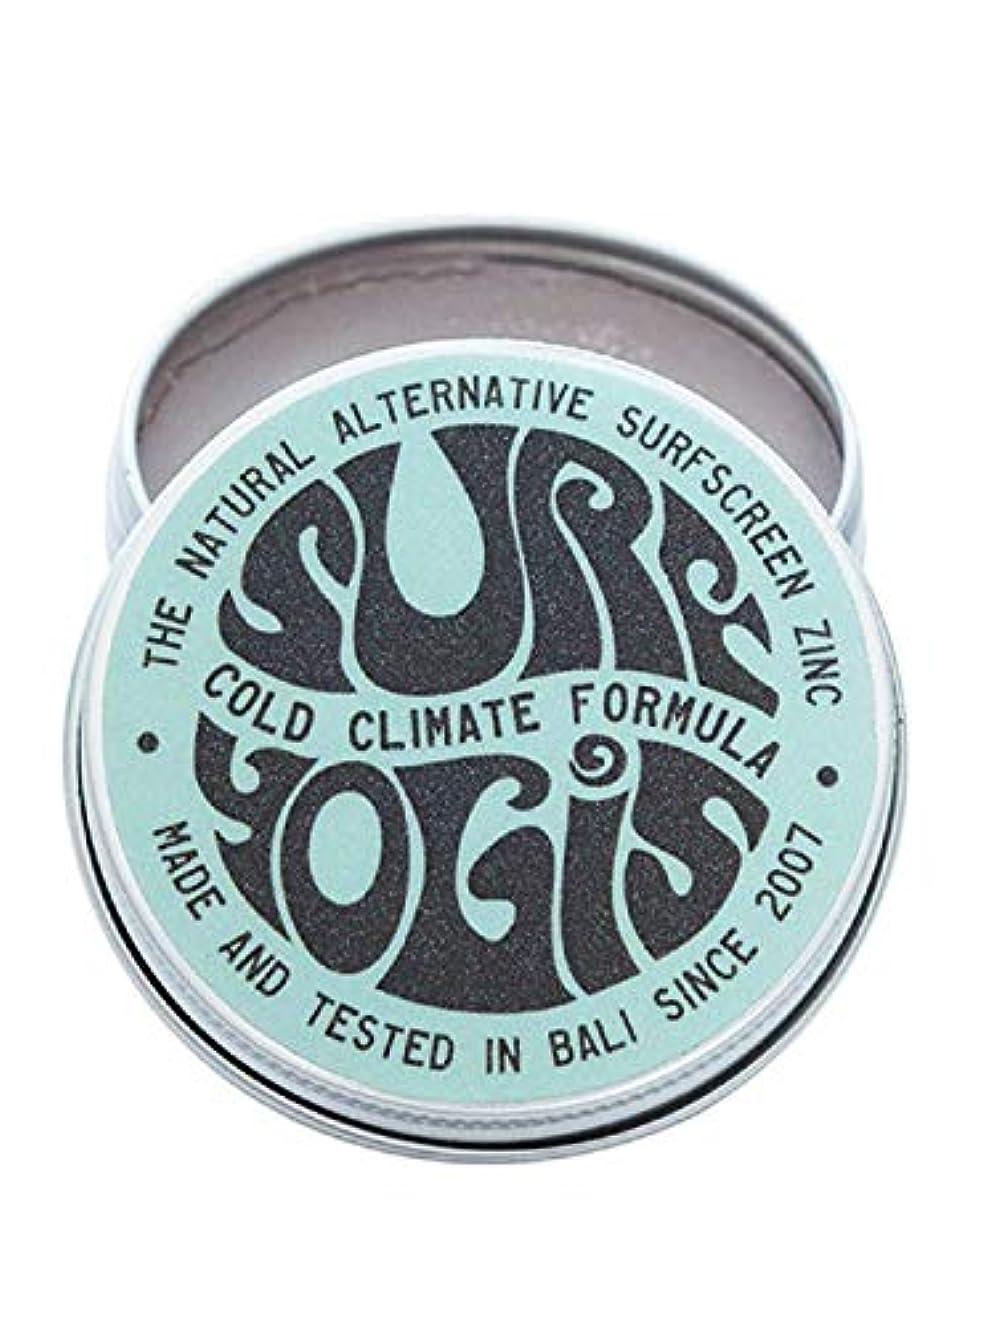 洪水外部伝導SURF YOGIS(サーフヨギ) ナチュラルサーフスクリーン COLD CLIMATE FORMULA フォーミュラ 冬用 柔らかめ 日焼け止め オーガニック素材 60g SPF50 ノンケミカル